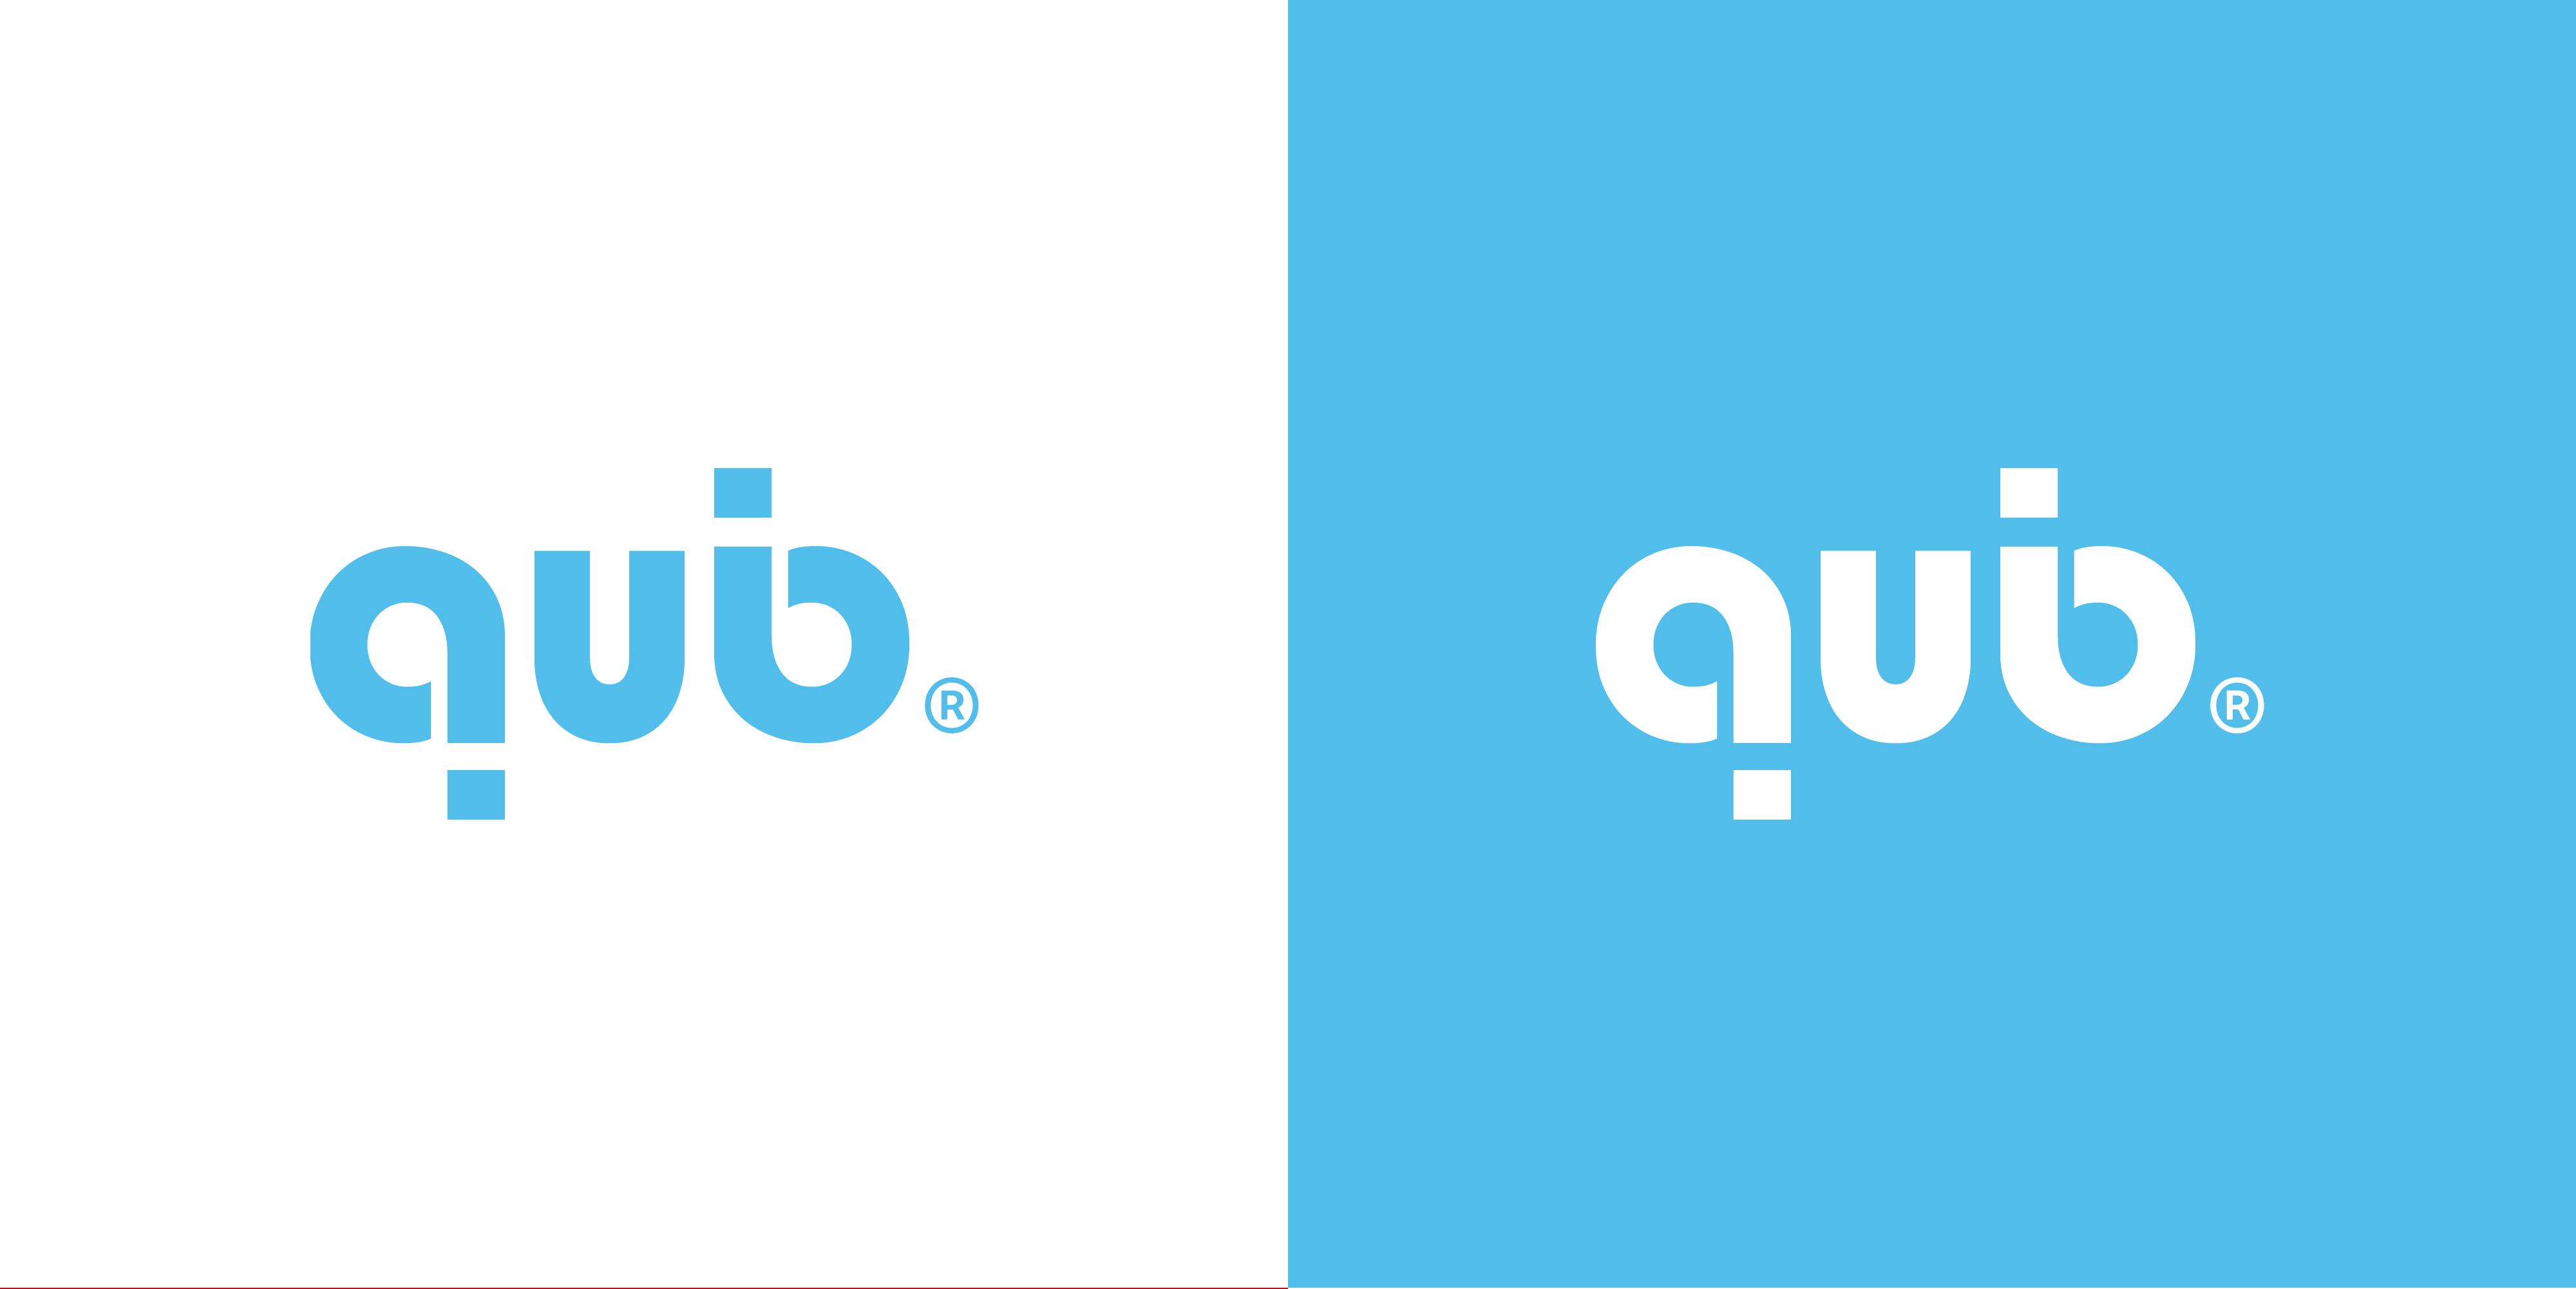 Разработка логотипа и фирменного стиля для ТМ фото f_0205f1c7525e085a.jpg